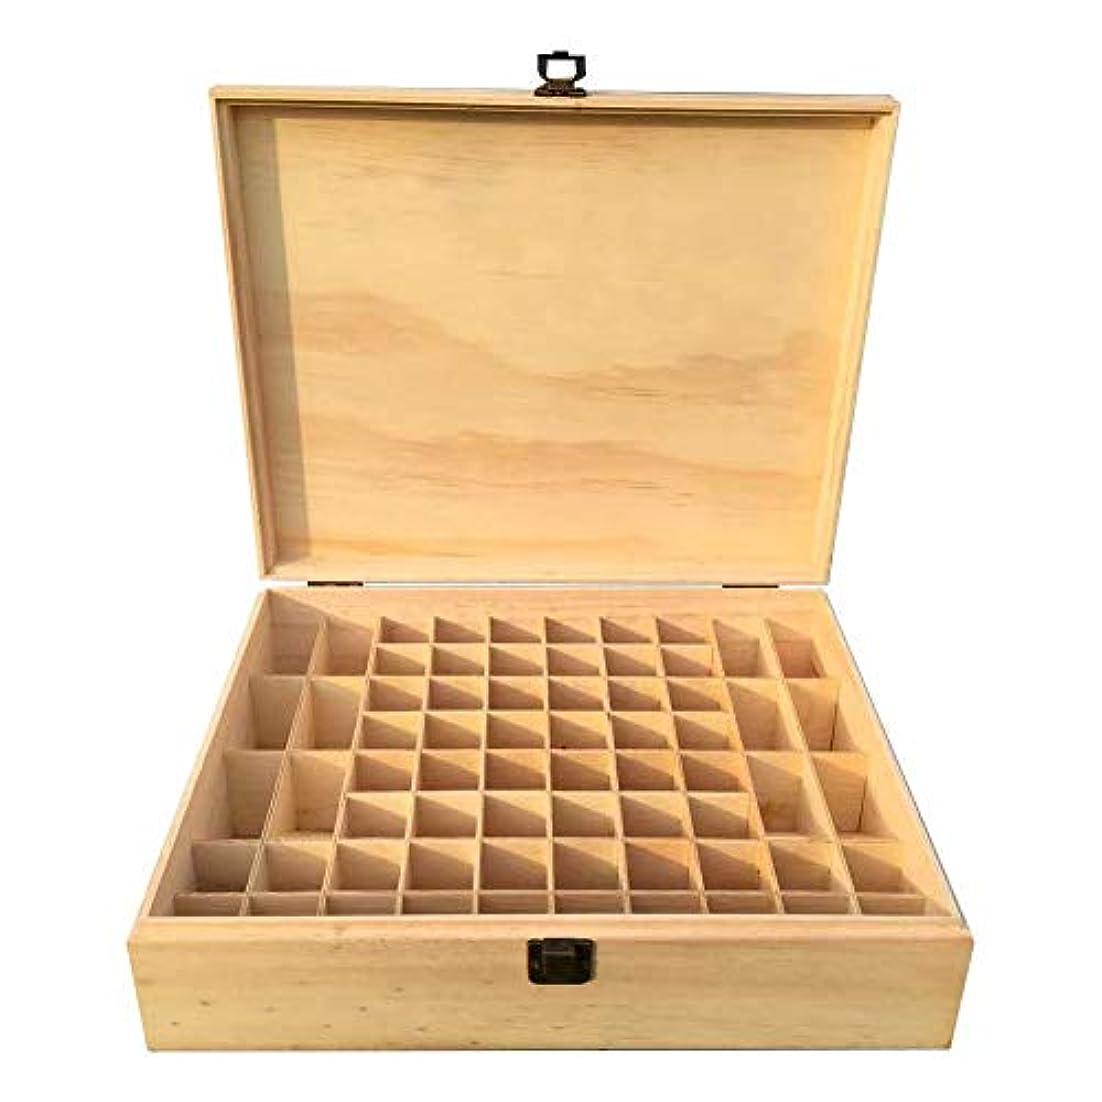 キャッシュ吸うハグ木製エッセンシャルオイル収納ボックス 精油収納ケース 68グリッド 大容量 5~15MLボトル用 junexi